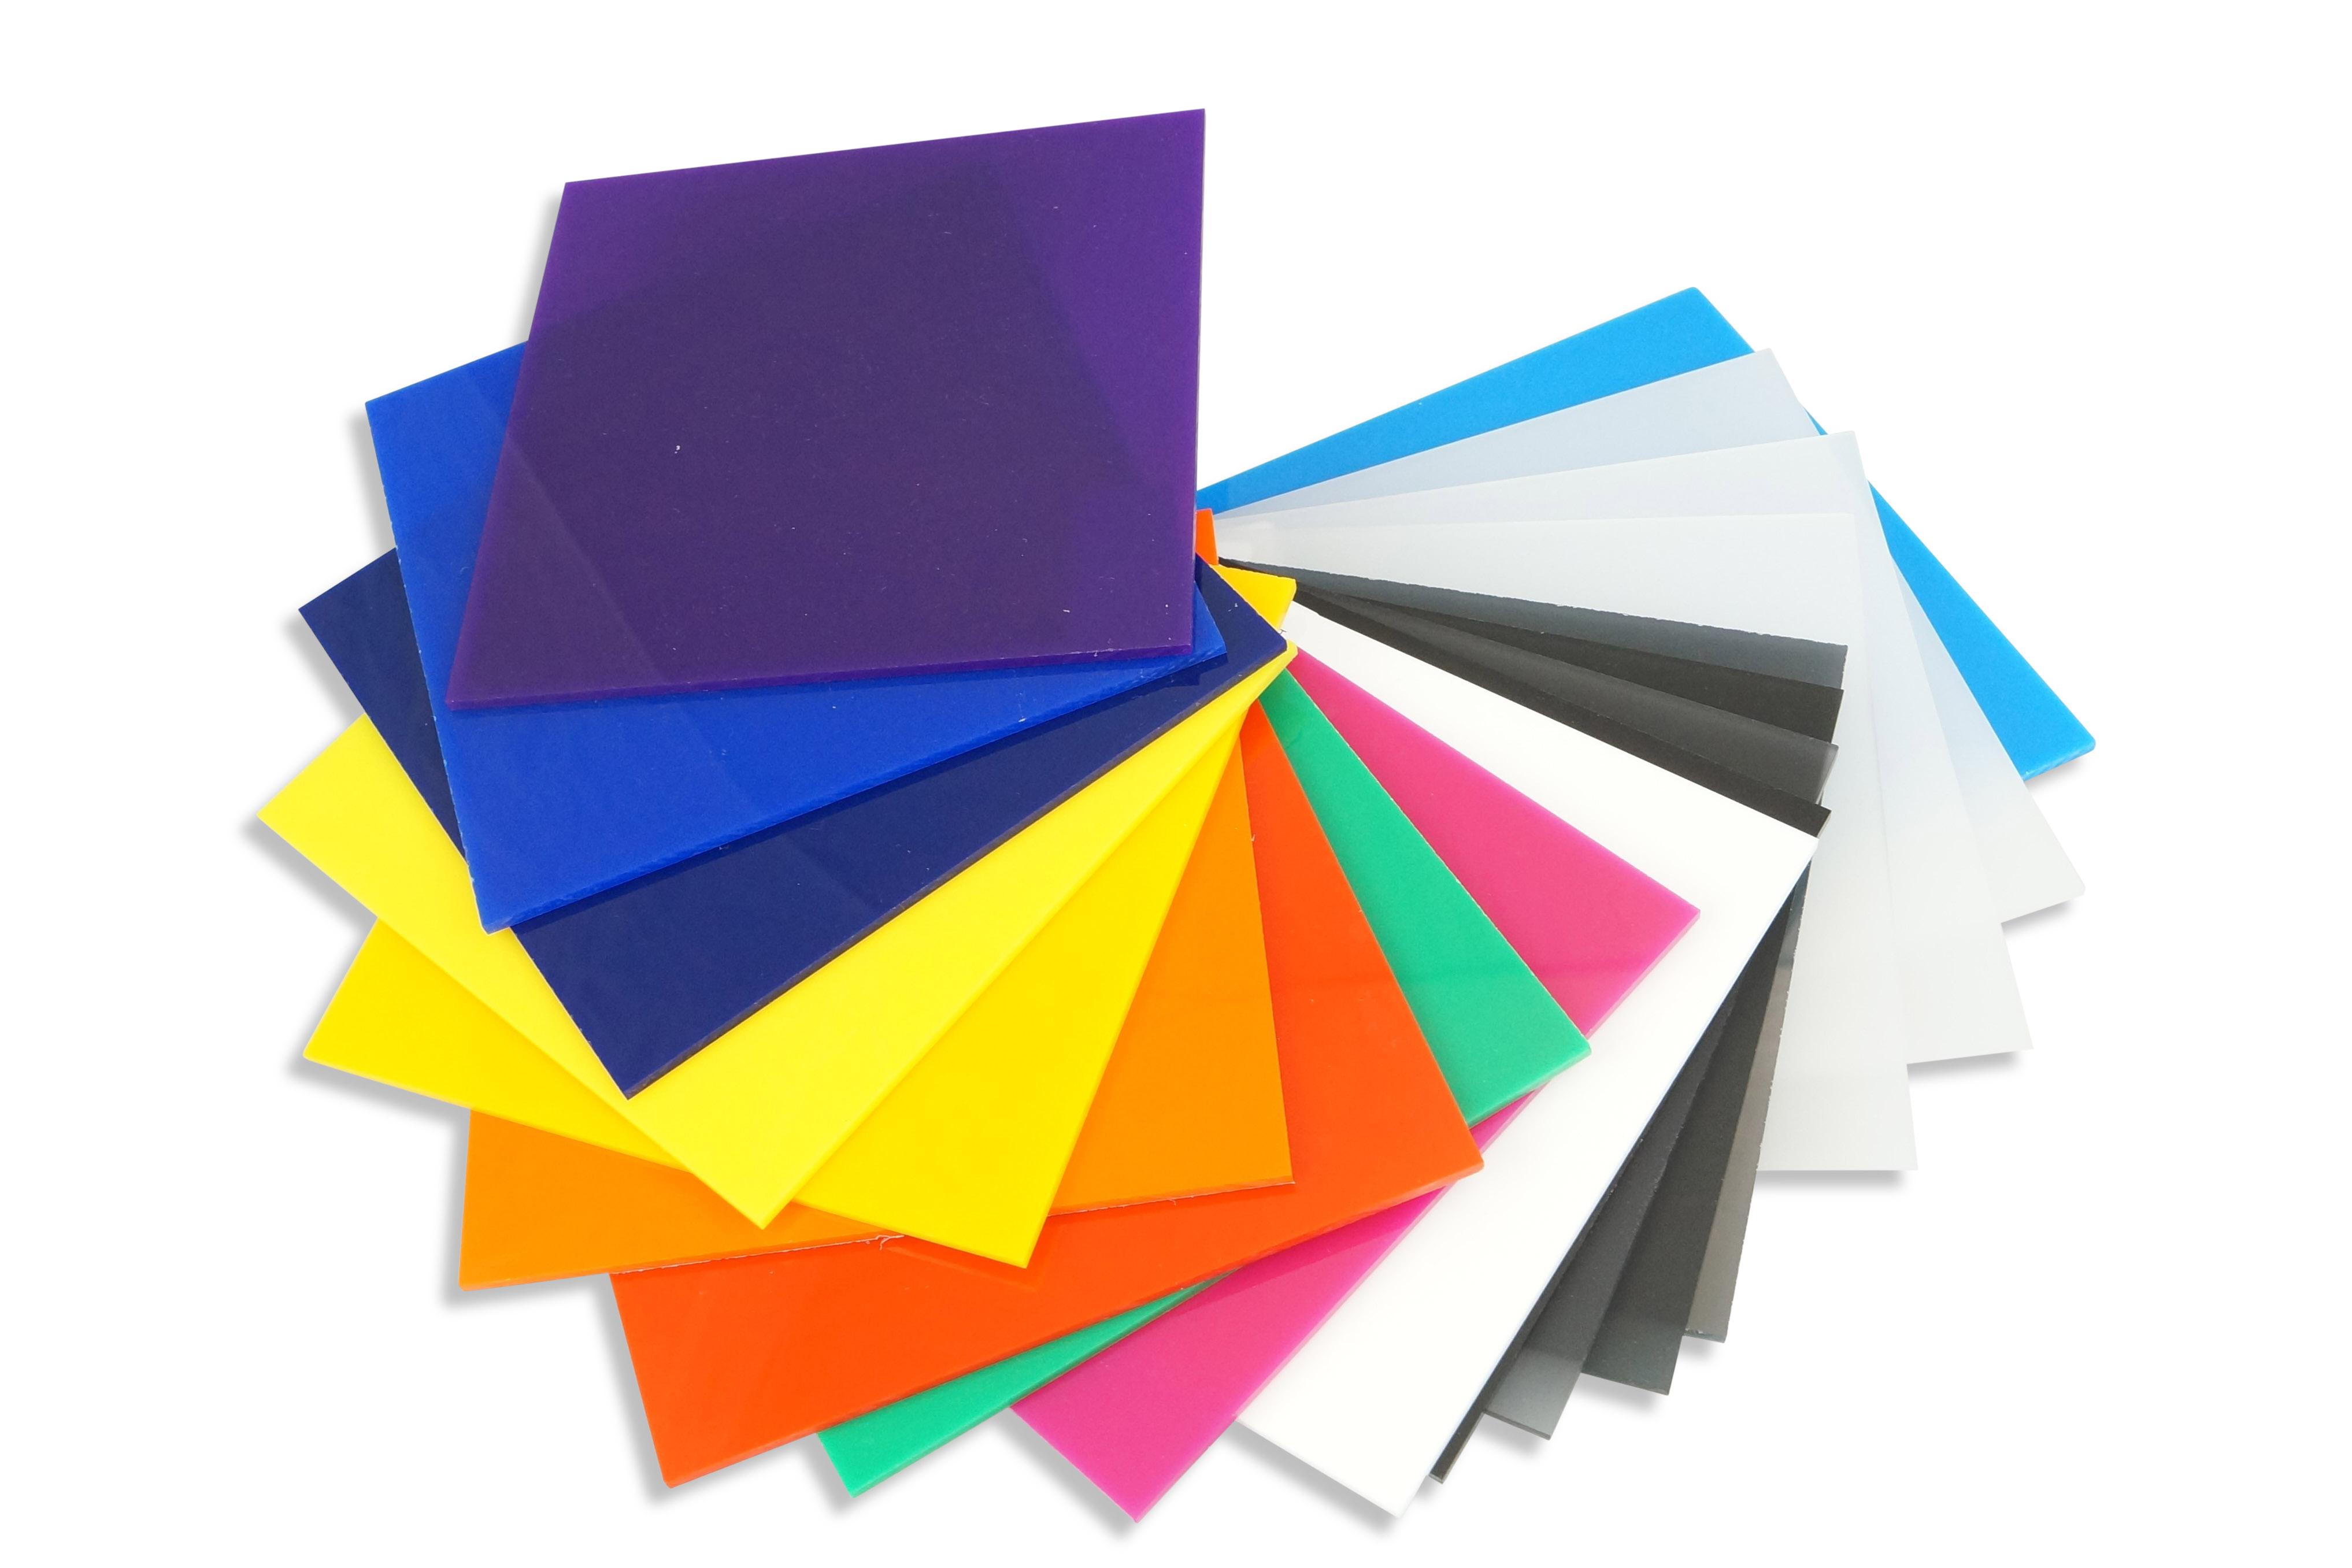 plastplader i akryl plexiglas brudsikker ridsefri plast uv plader polycarbonat. Black Bedroom Furniture Sets. Home Design Ideas